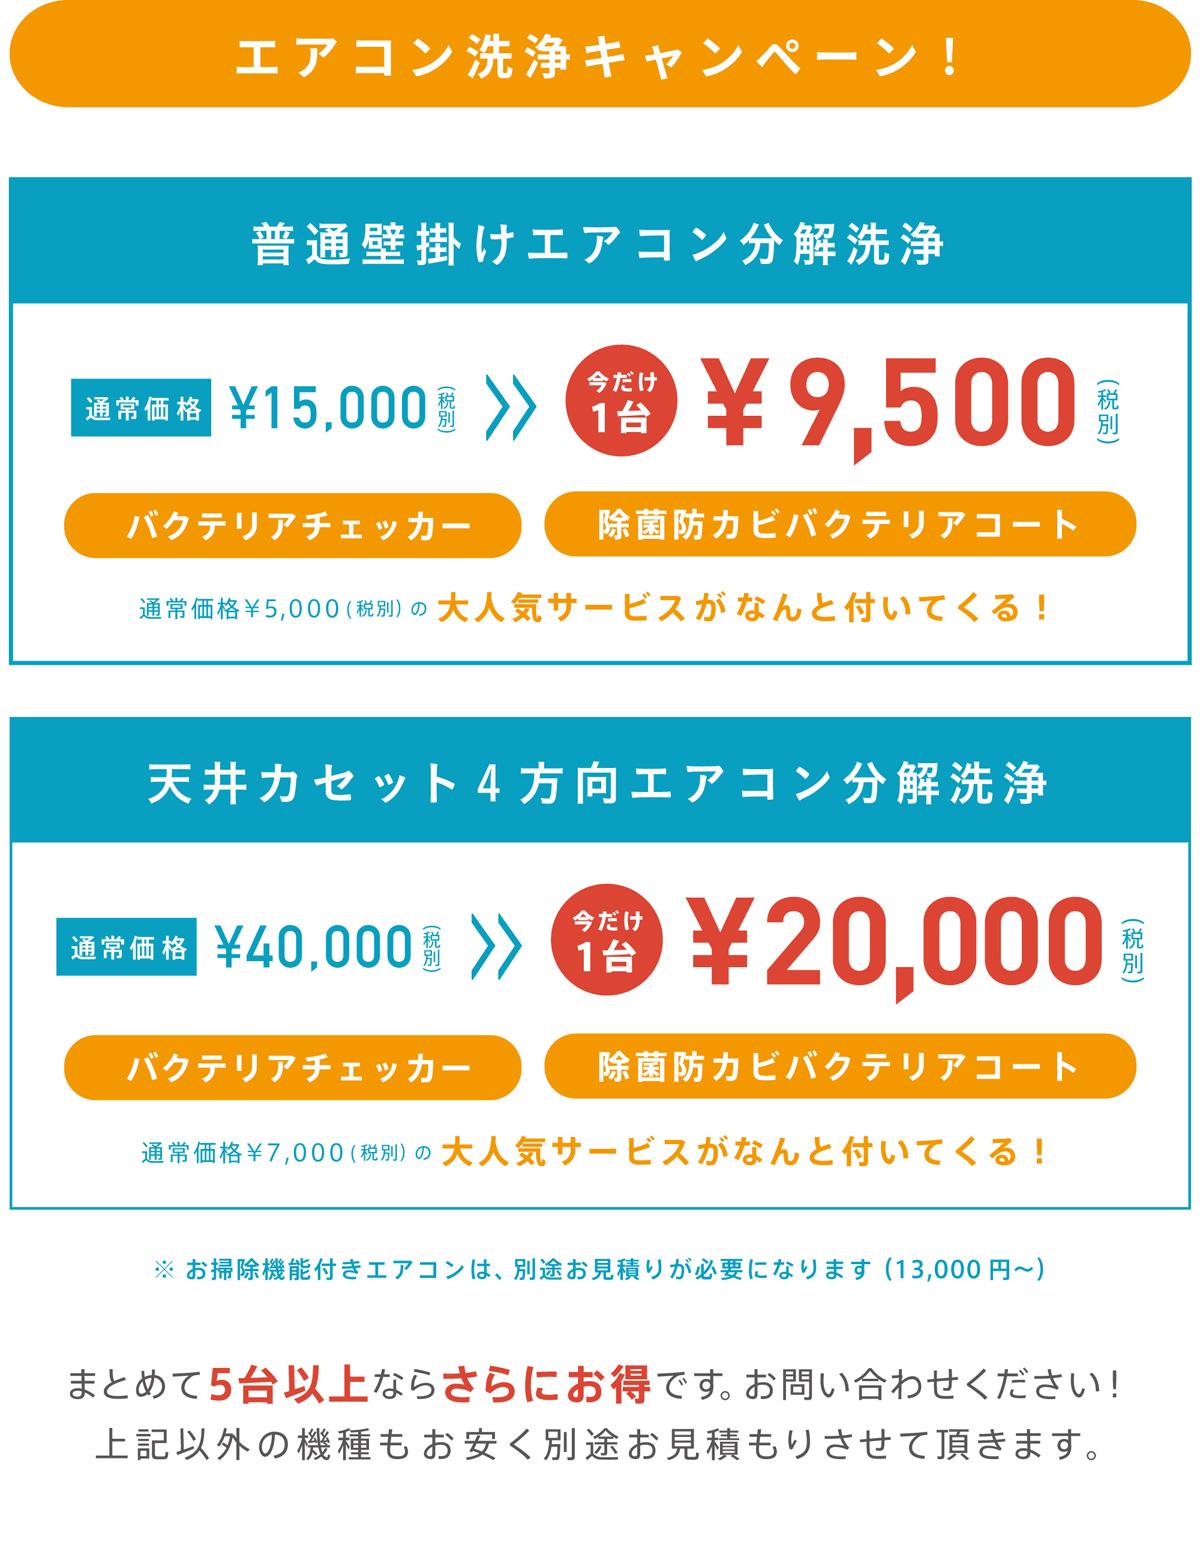 エアコンクリーニング強化キャンペーン中 滋賀 京都 大阪 コロナウイルスも同時死滅可能です。